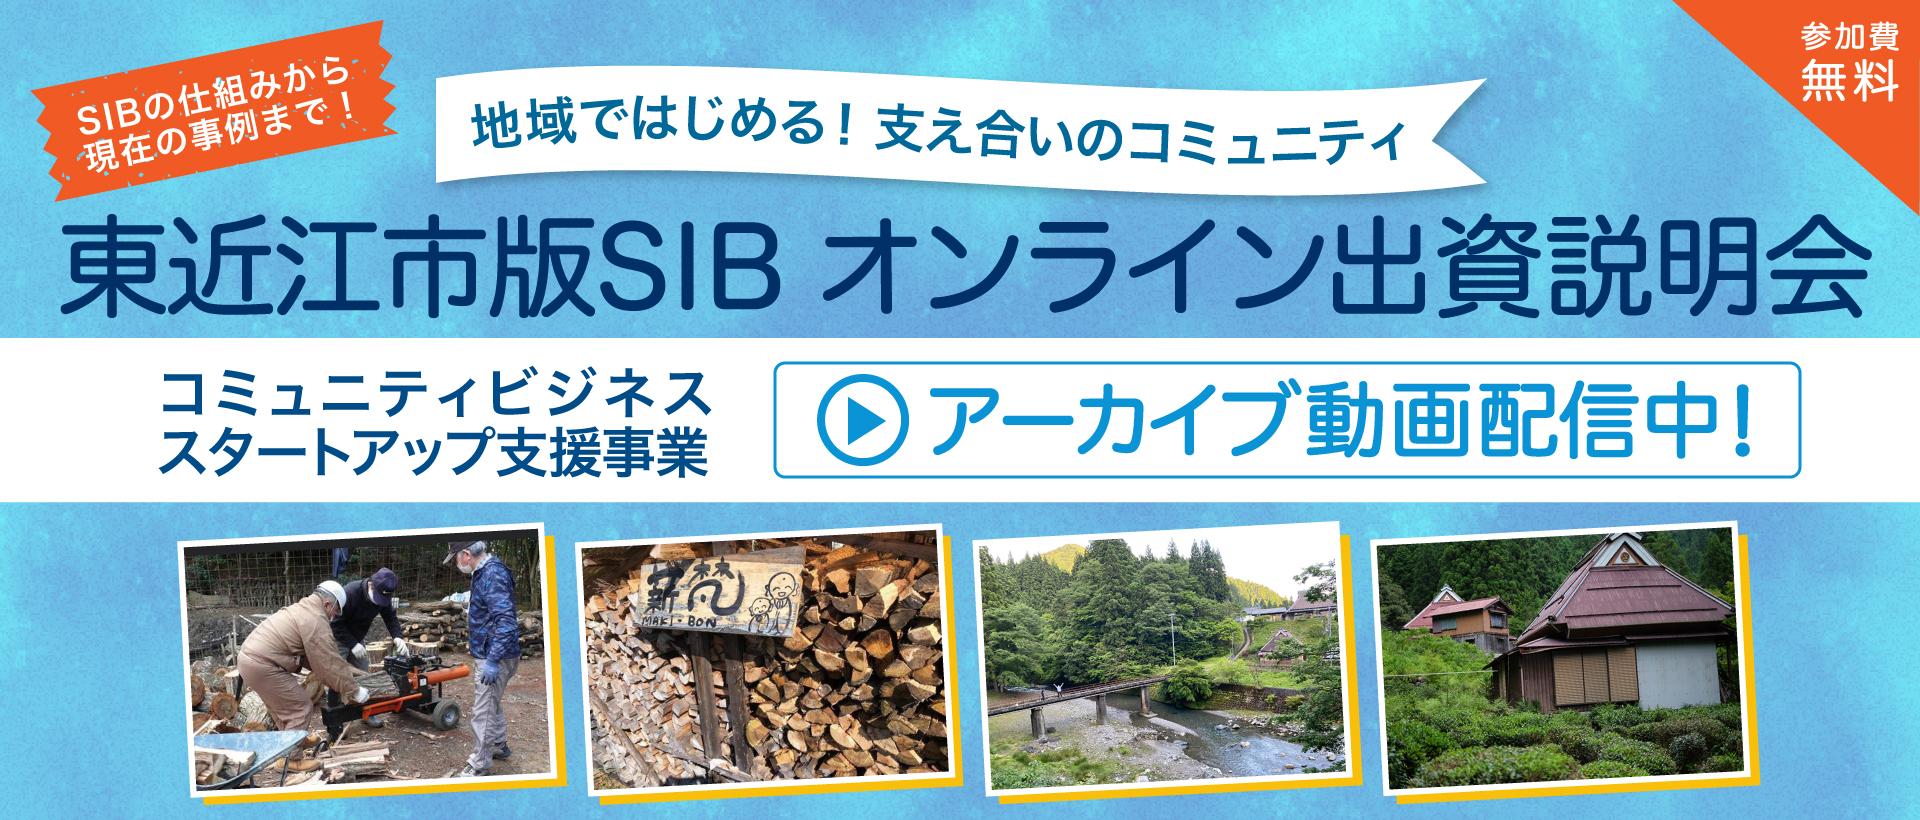 2021東近江SIB説明会動画アーカイブ